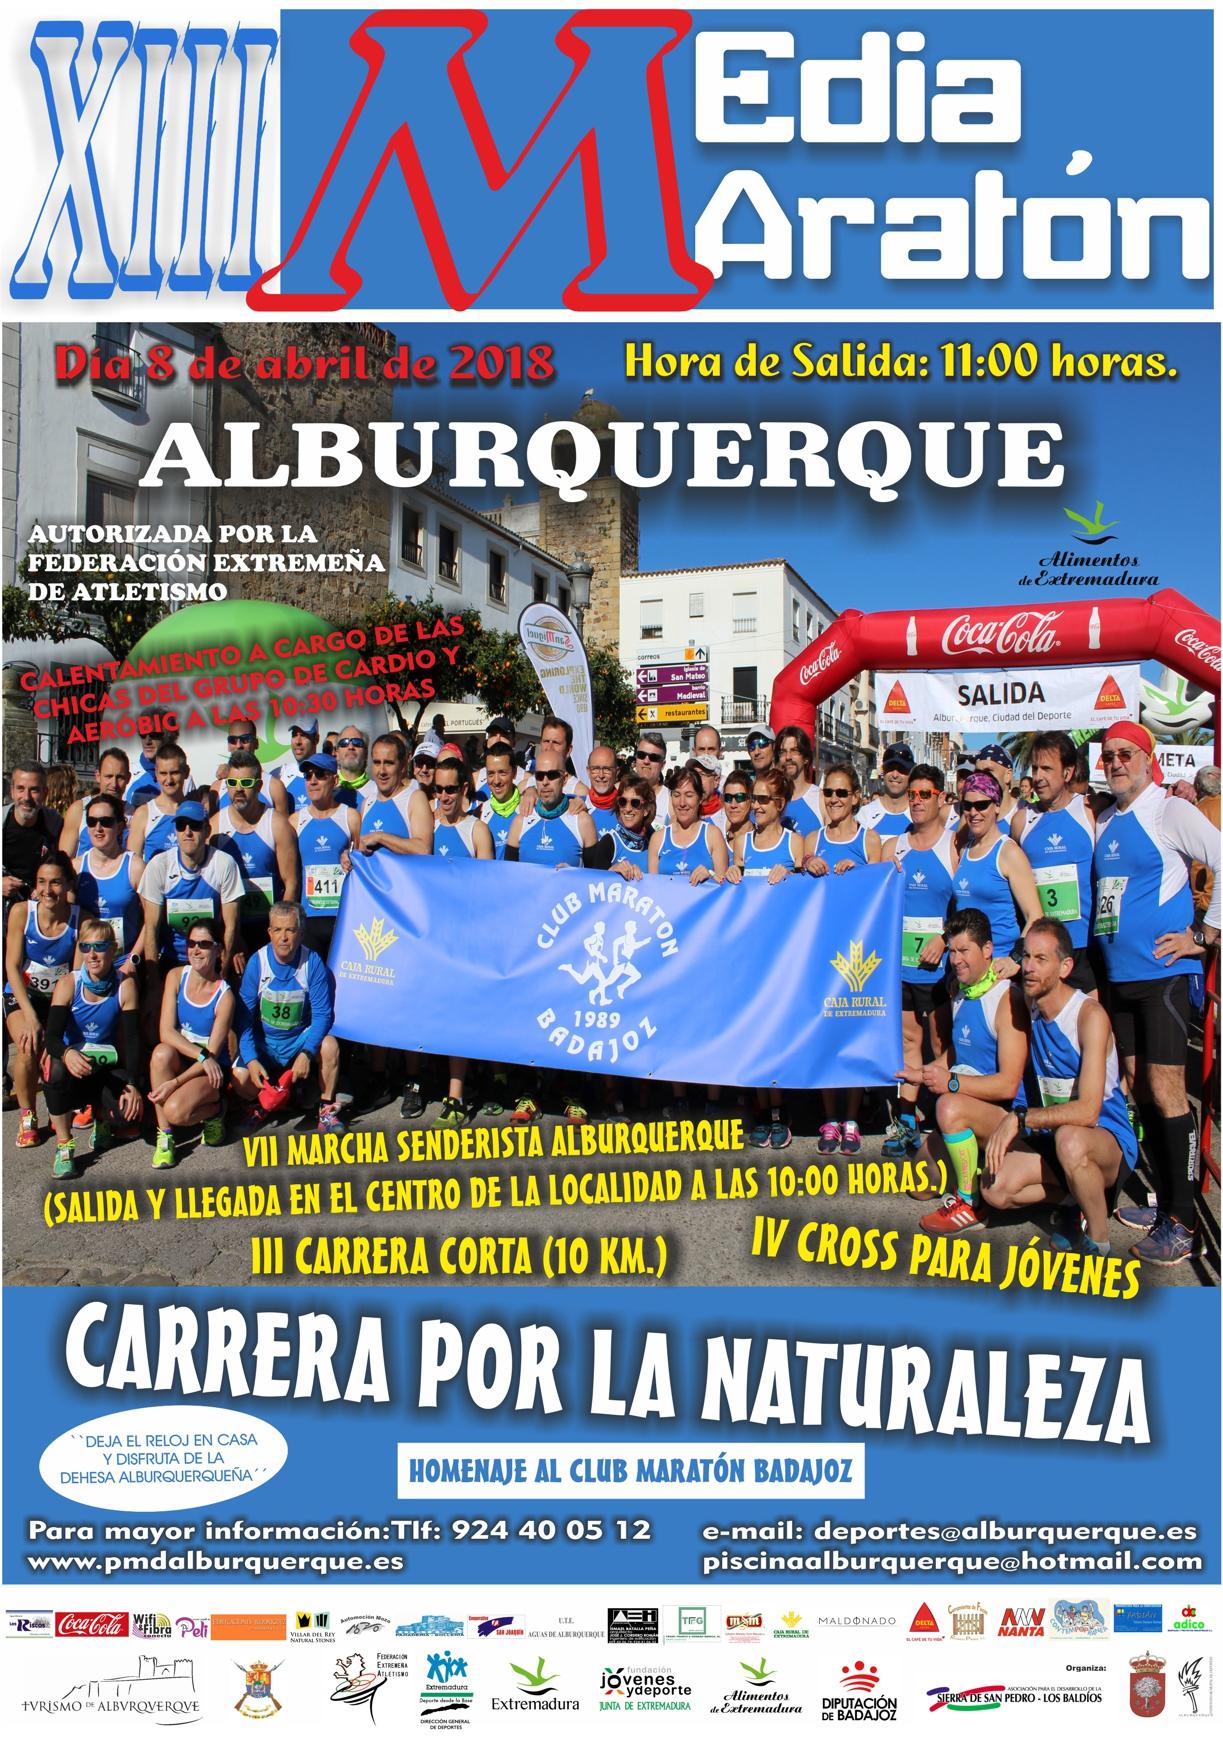 10K Carrera Corta Alburquerque